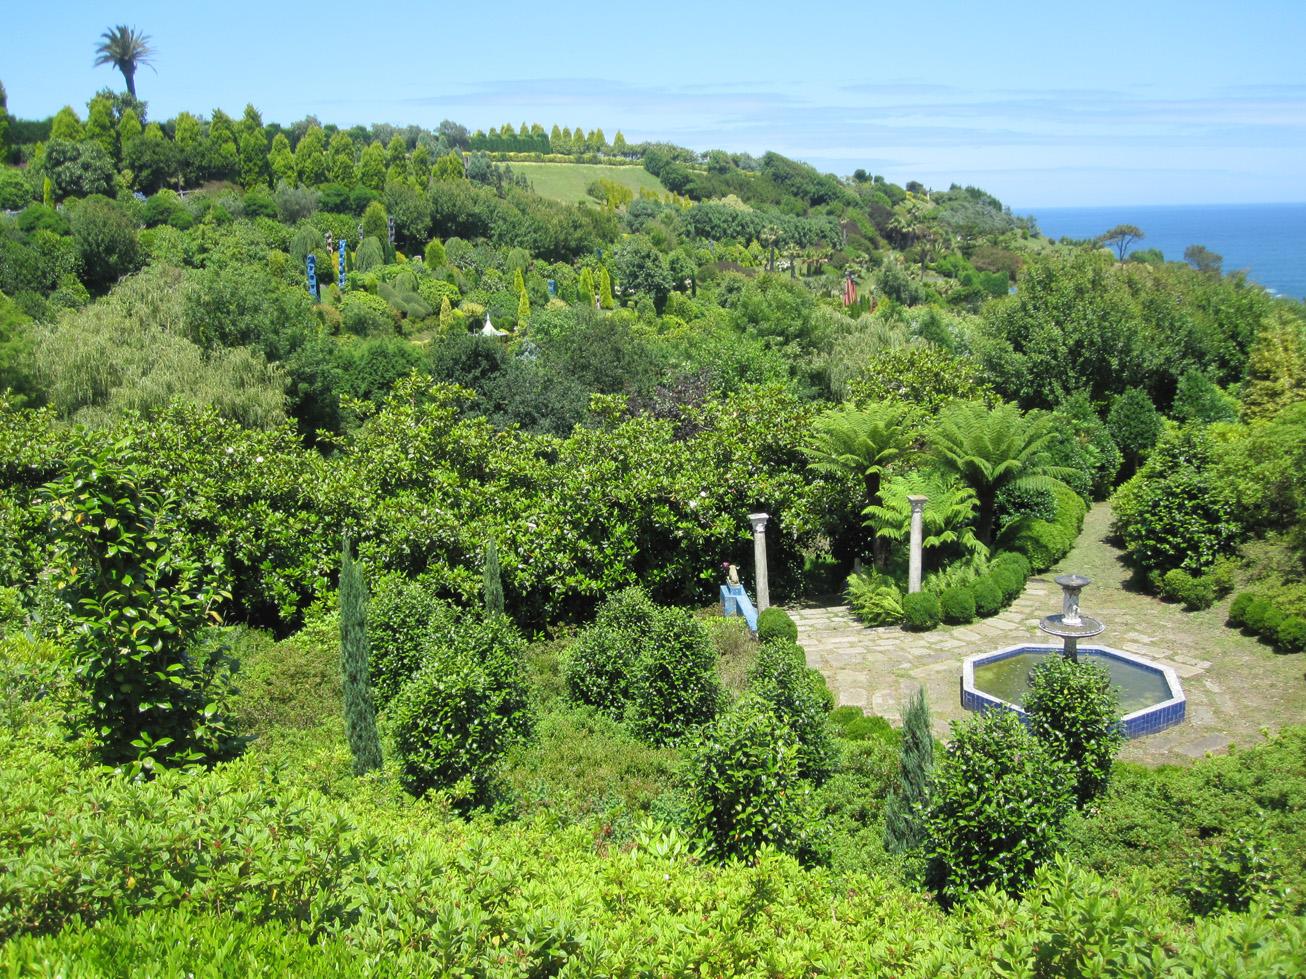 Dendecaguelu los jardines de la fonte baixa en verano for Jardines de la fonte baixa